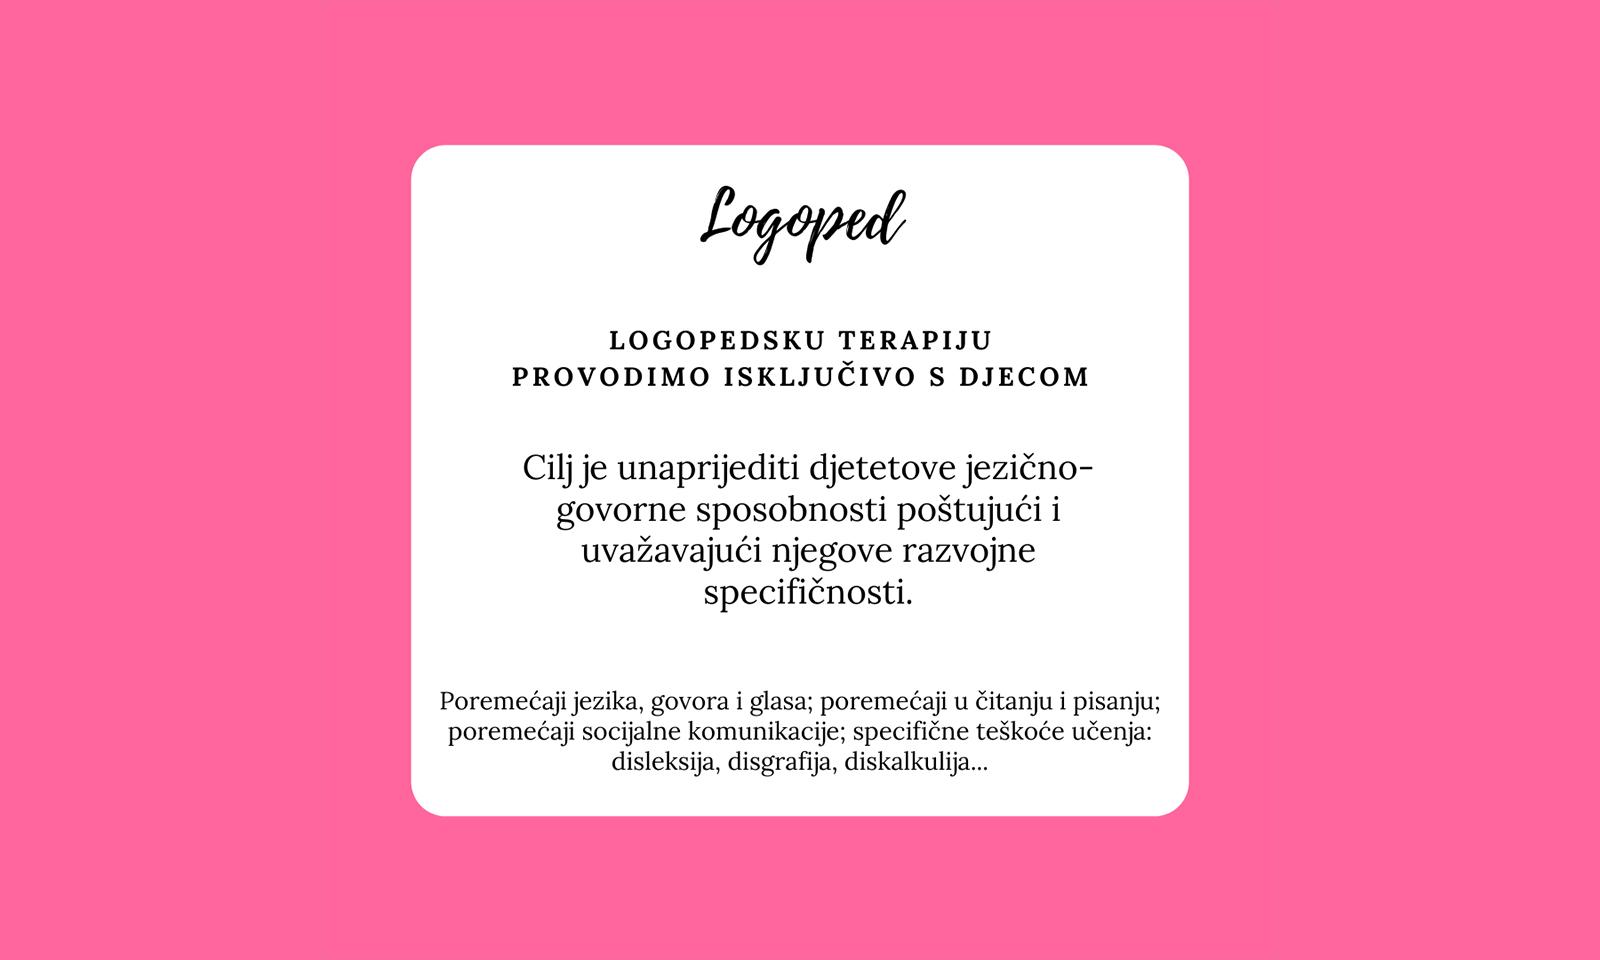 Obrnuta učionica - Novosti - Logoped